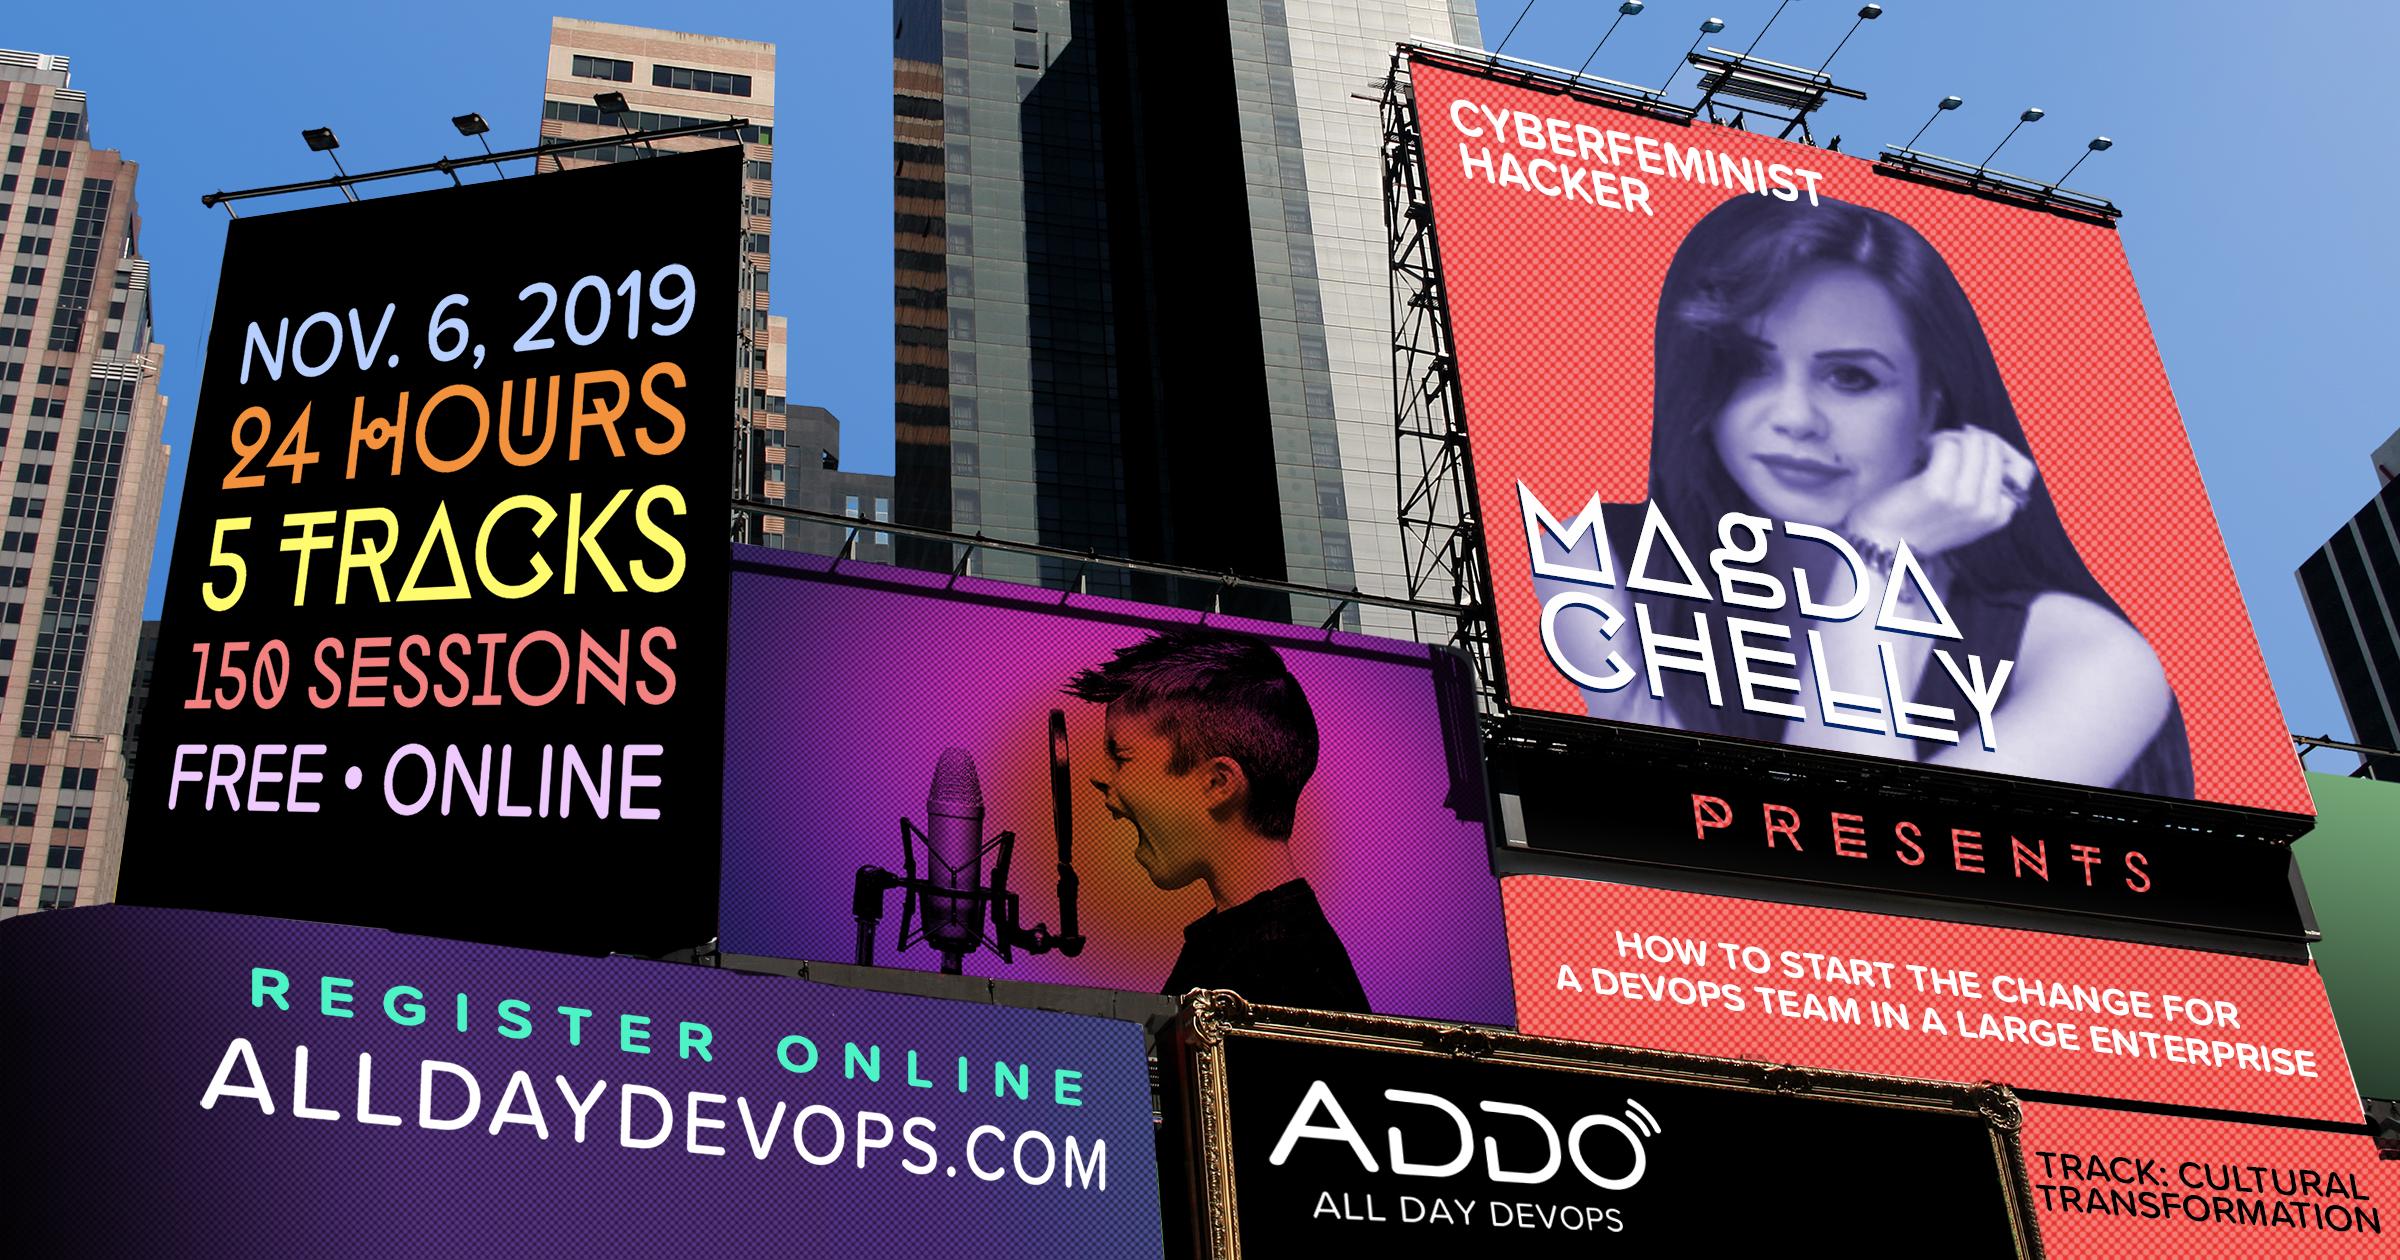 MagdaChelly_Billboard